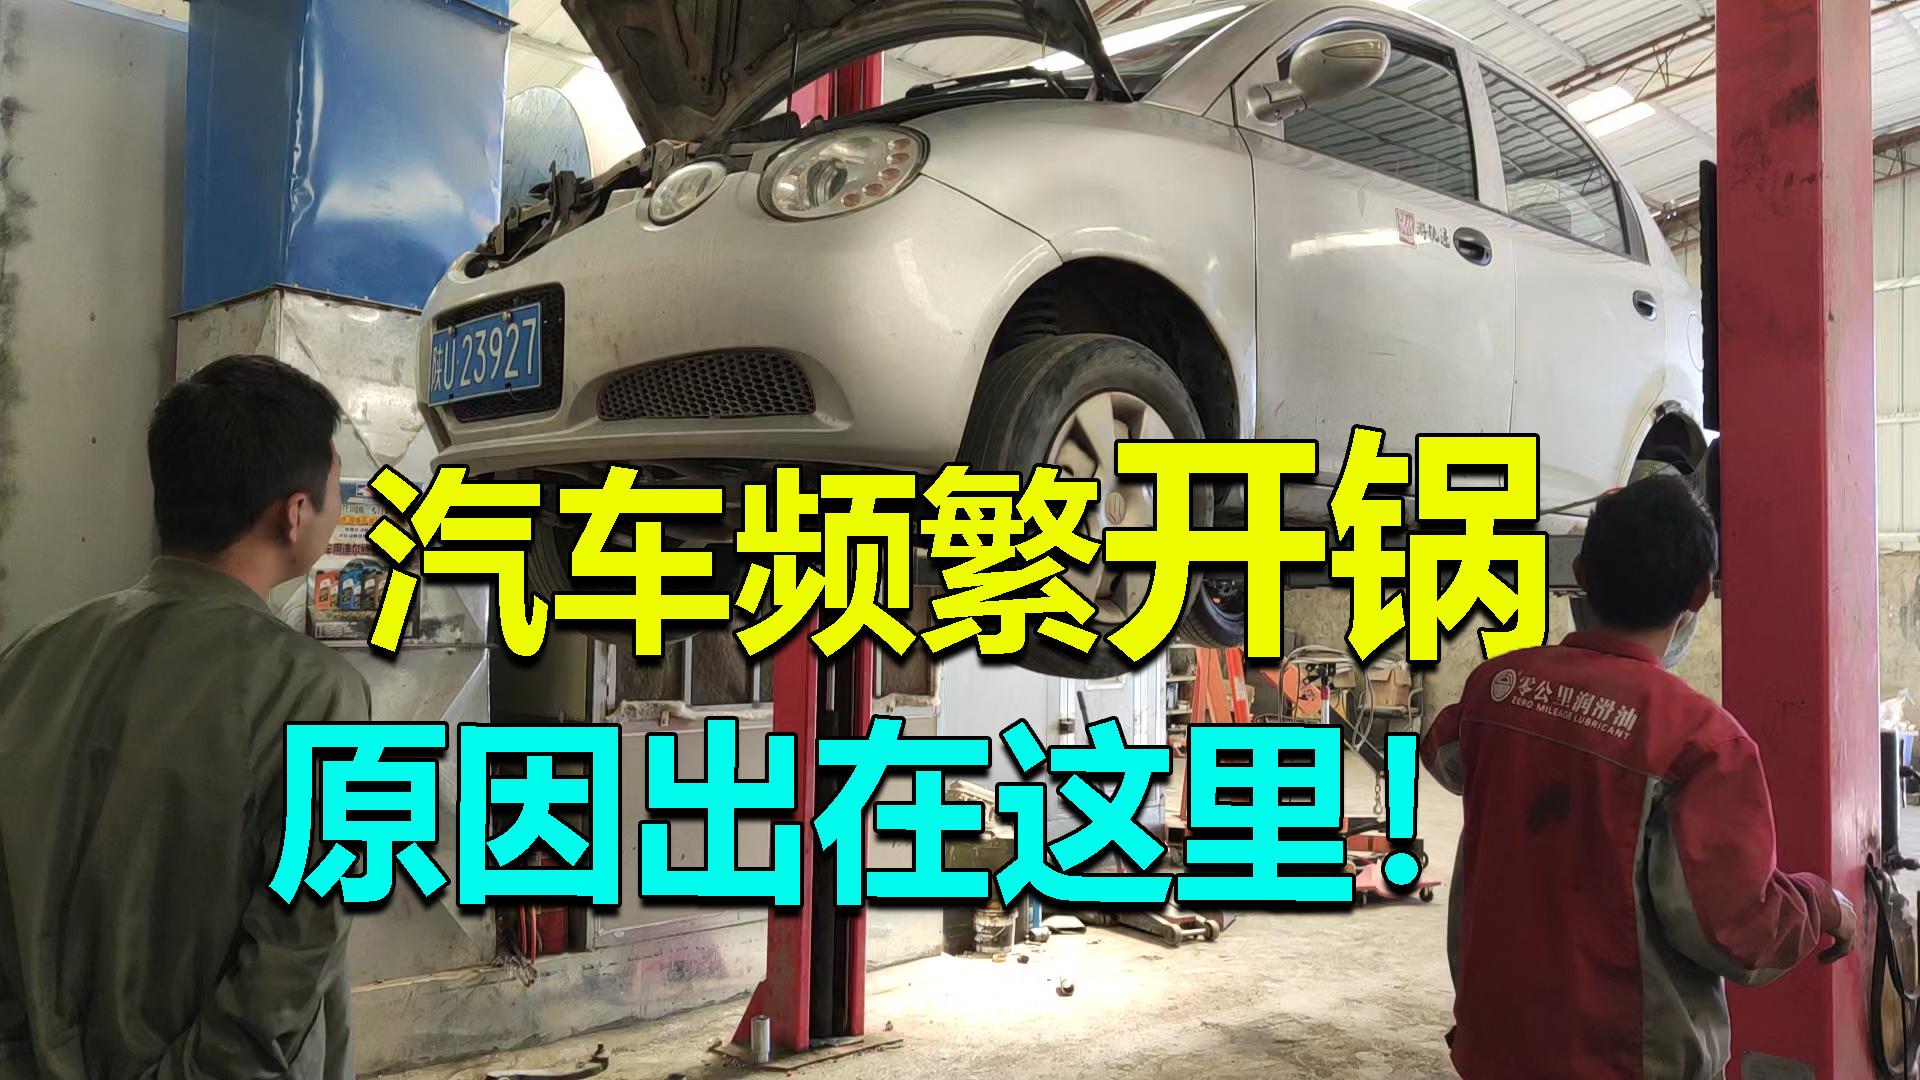 国产11年老车自驾西藏,高原上频繁开锅,没想到原因出在这里